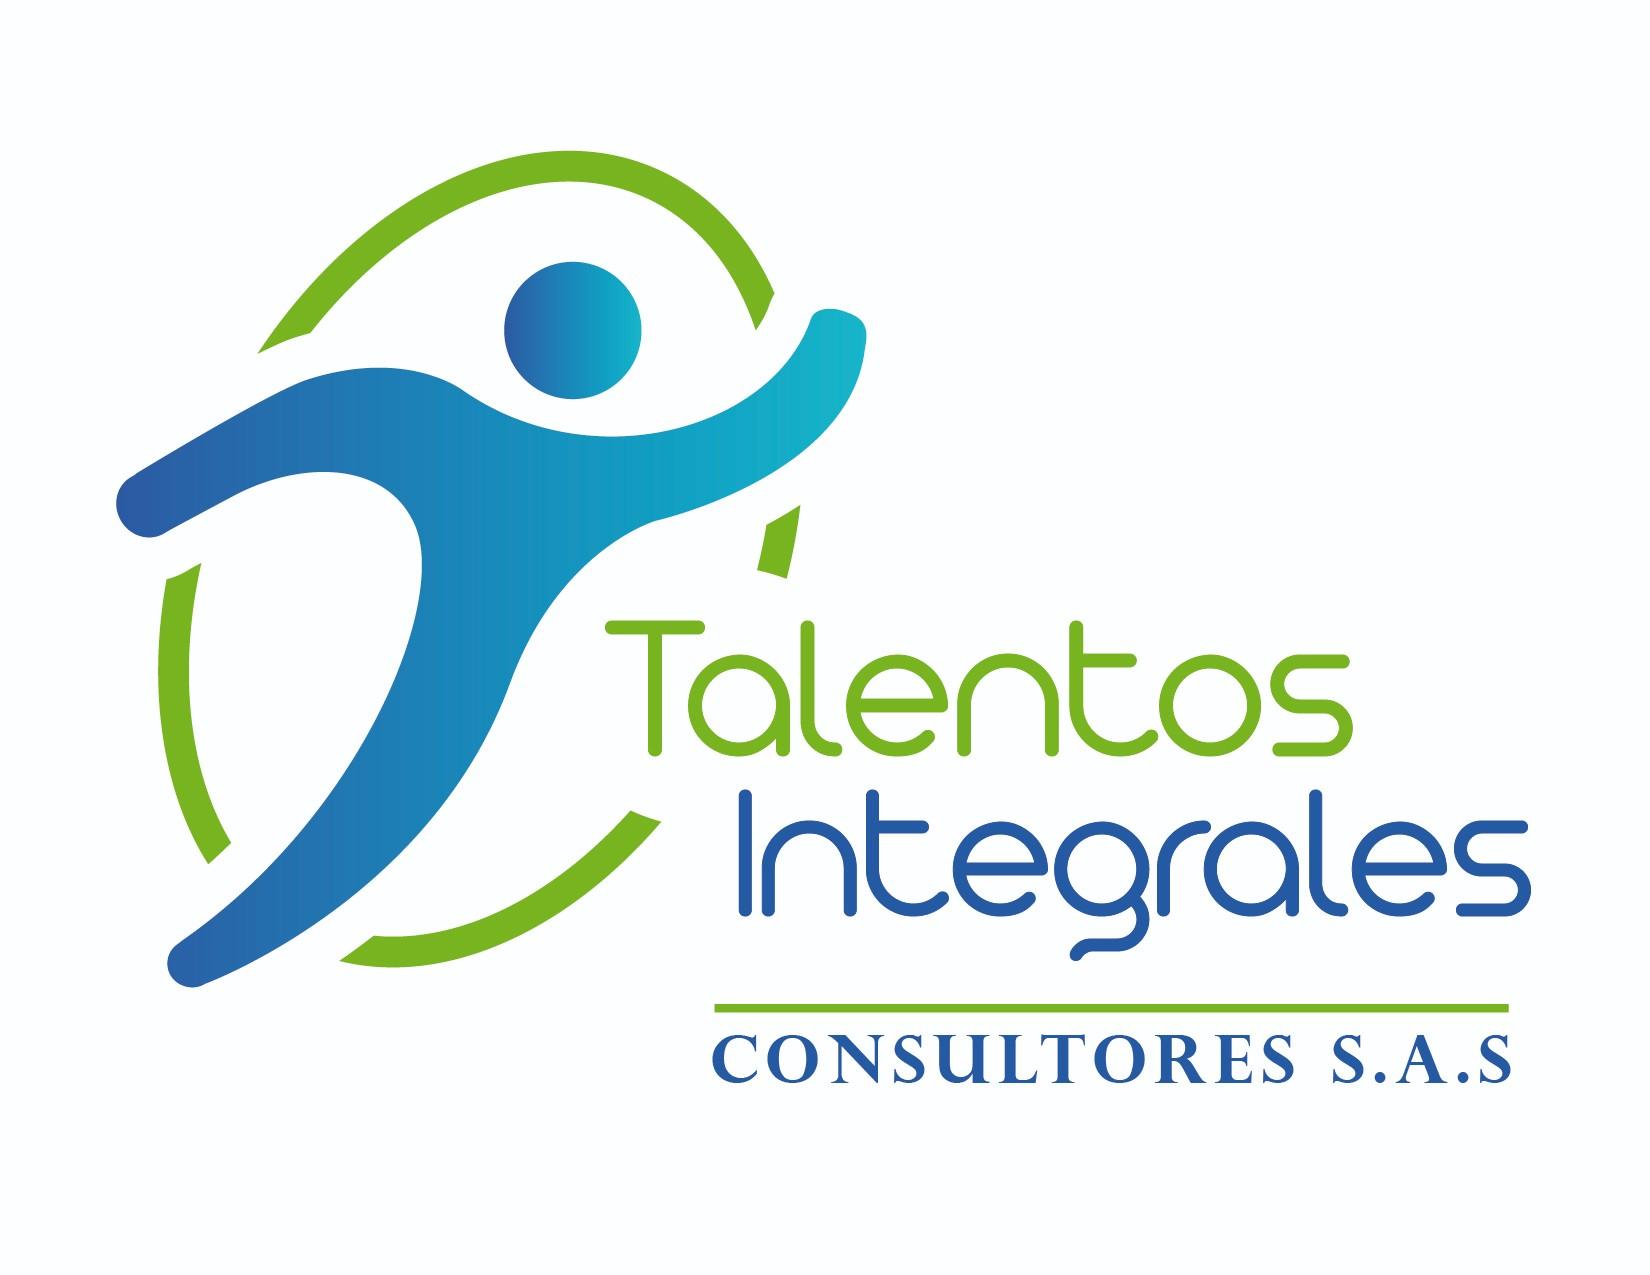 Talentos Integrales Consultores